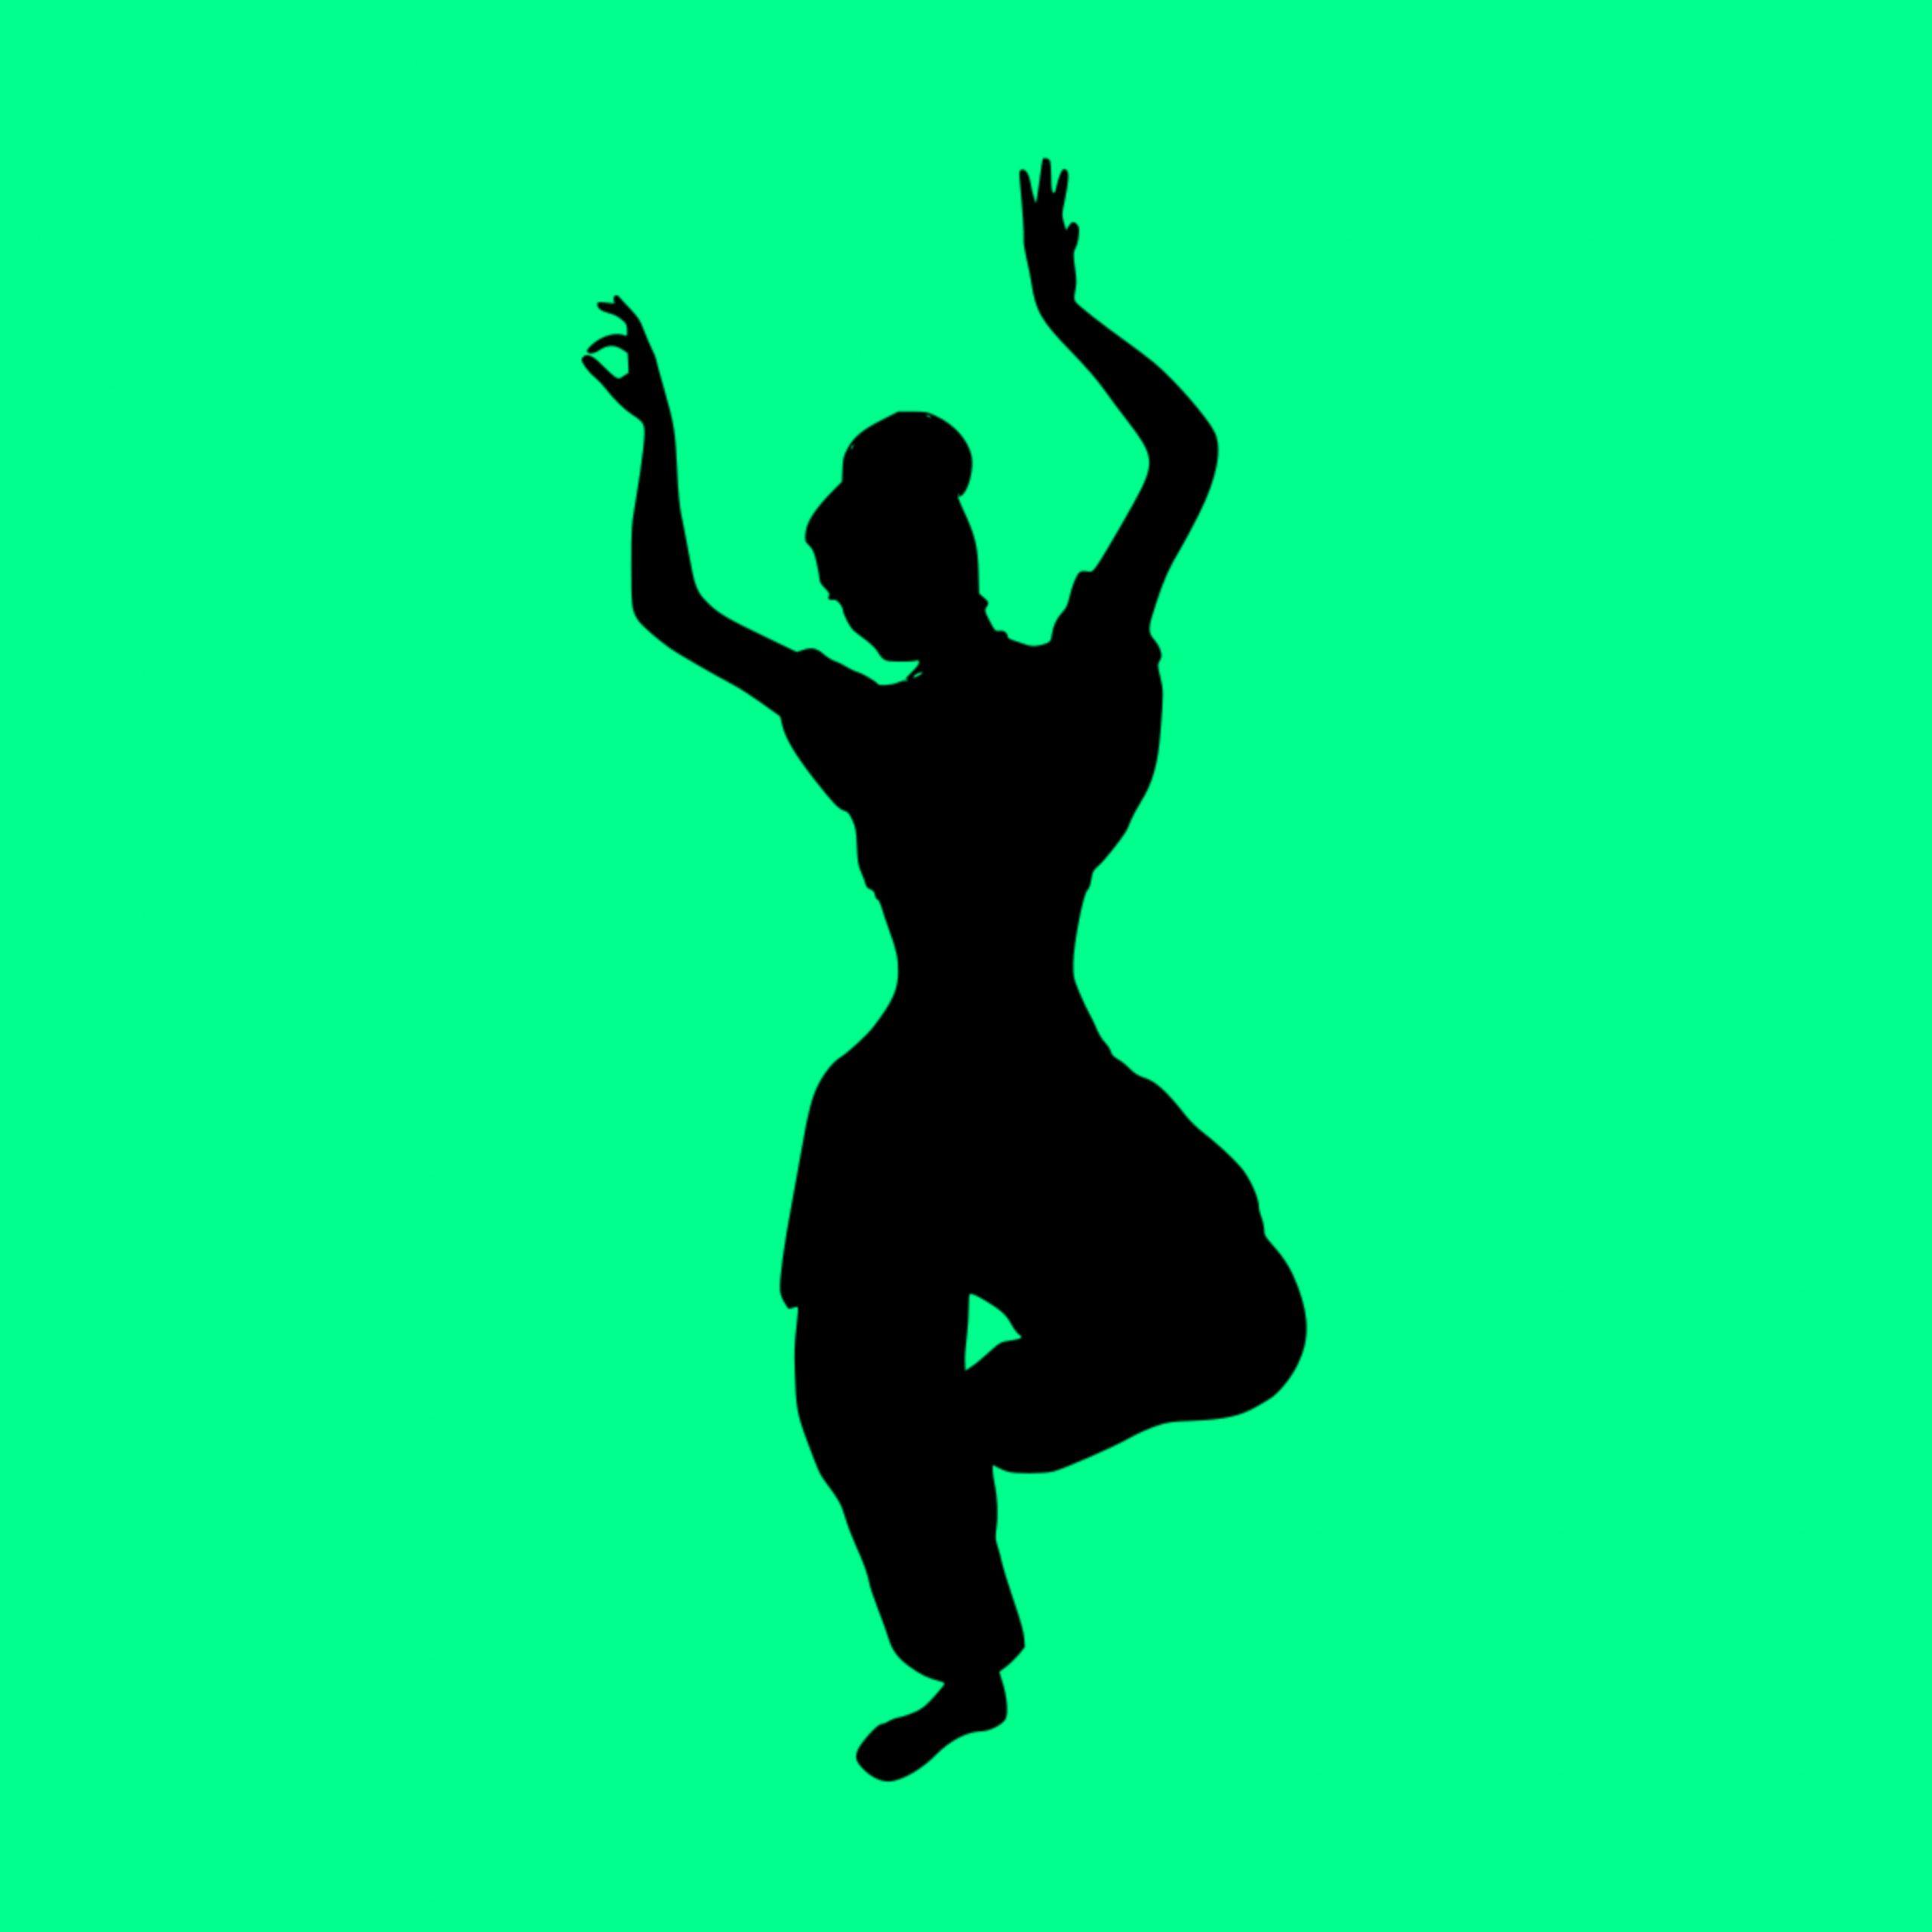 موسیقی تمرین بازیگری | سایت Actu.ir